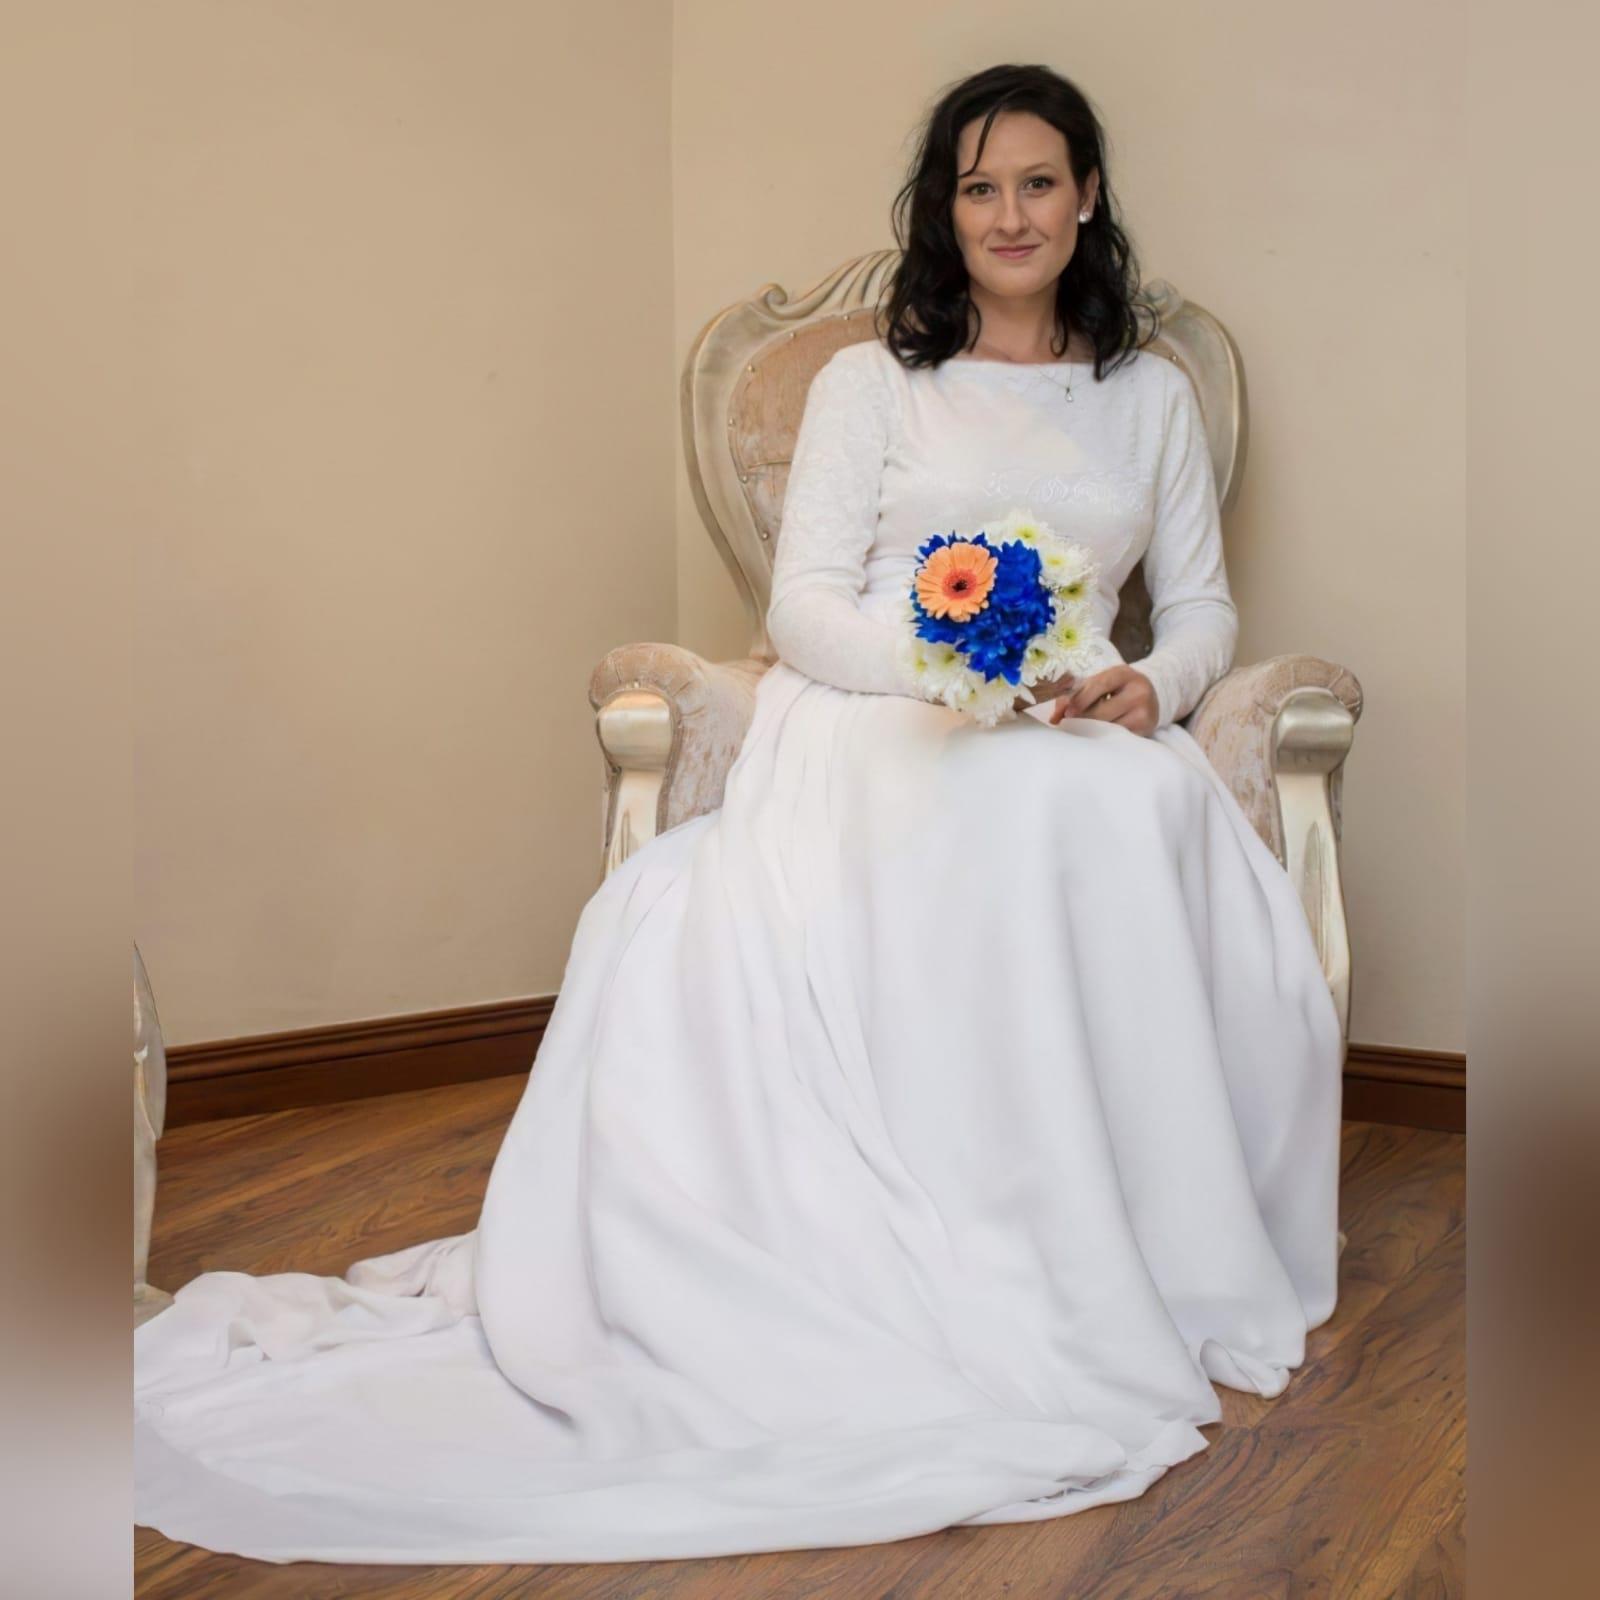 Vestido de noiva simples de 2 peças branco fluido 6 vestido de noiva simples de 2 peças branco fluido. Um corpete bodysuit de renda justo com mangas compridas e decote em jóia. Saia longa larga e fluida, com uma camada de chiffon e uma longa cauda.